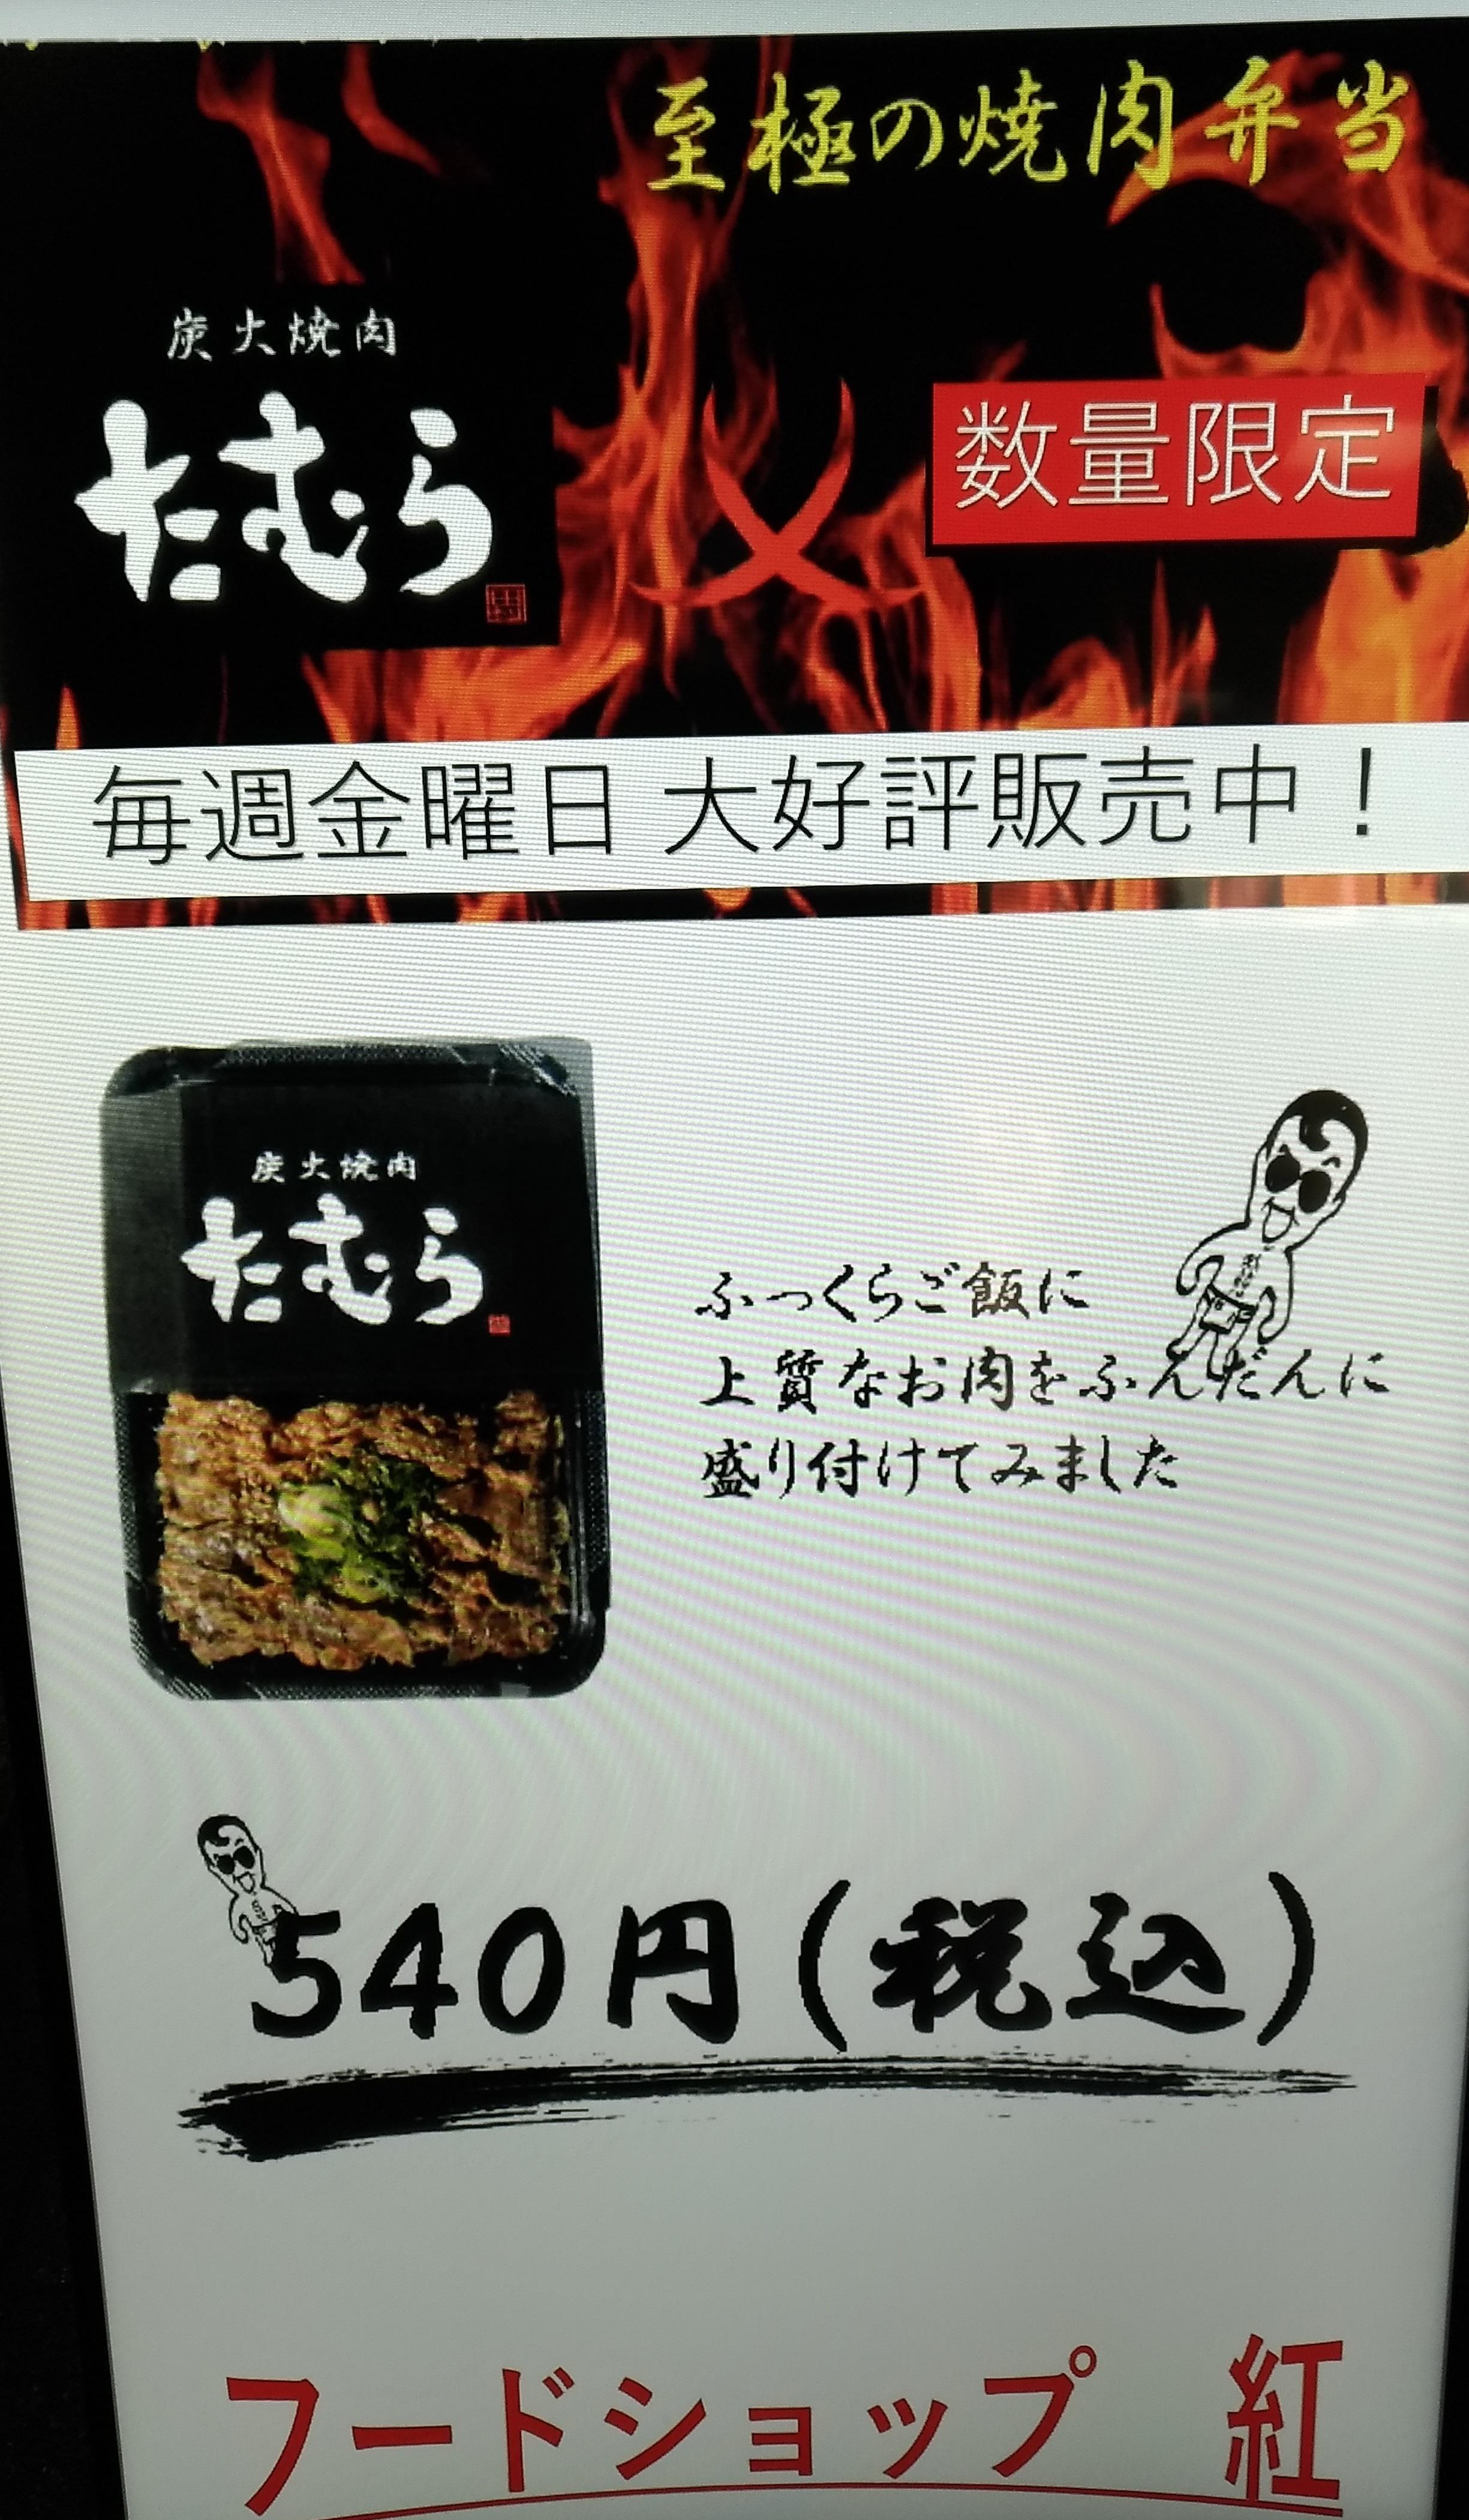 osaka_tamura_yakiniku_bento.jpg